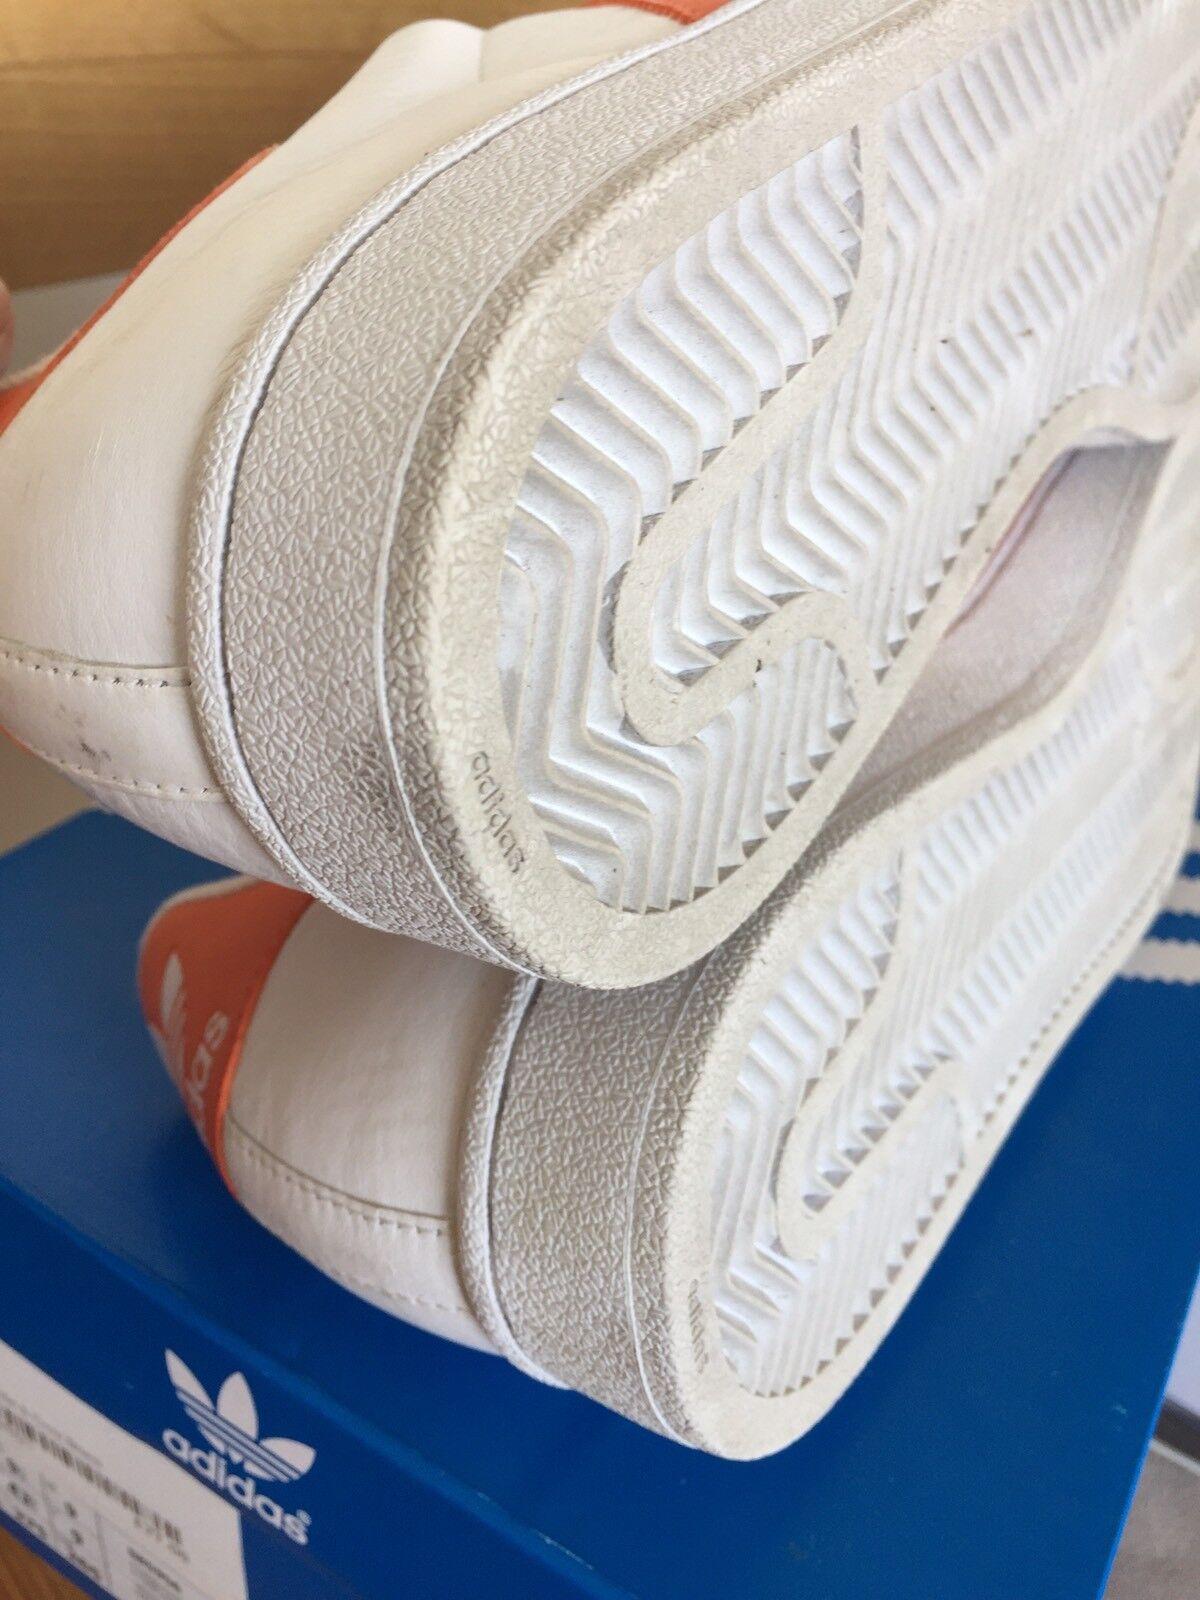 Certified Dame Dash 10 Owned Vintage Adidas Superstar 10 Dash Stan Smith Weiß Orange b04042